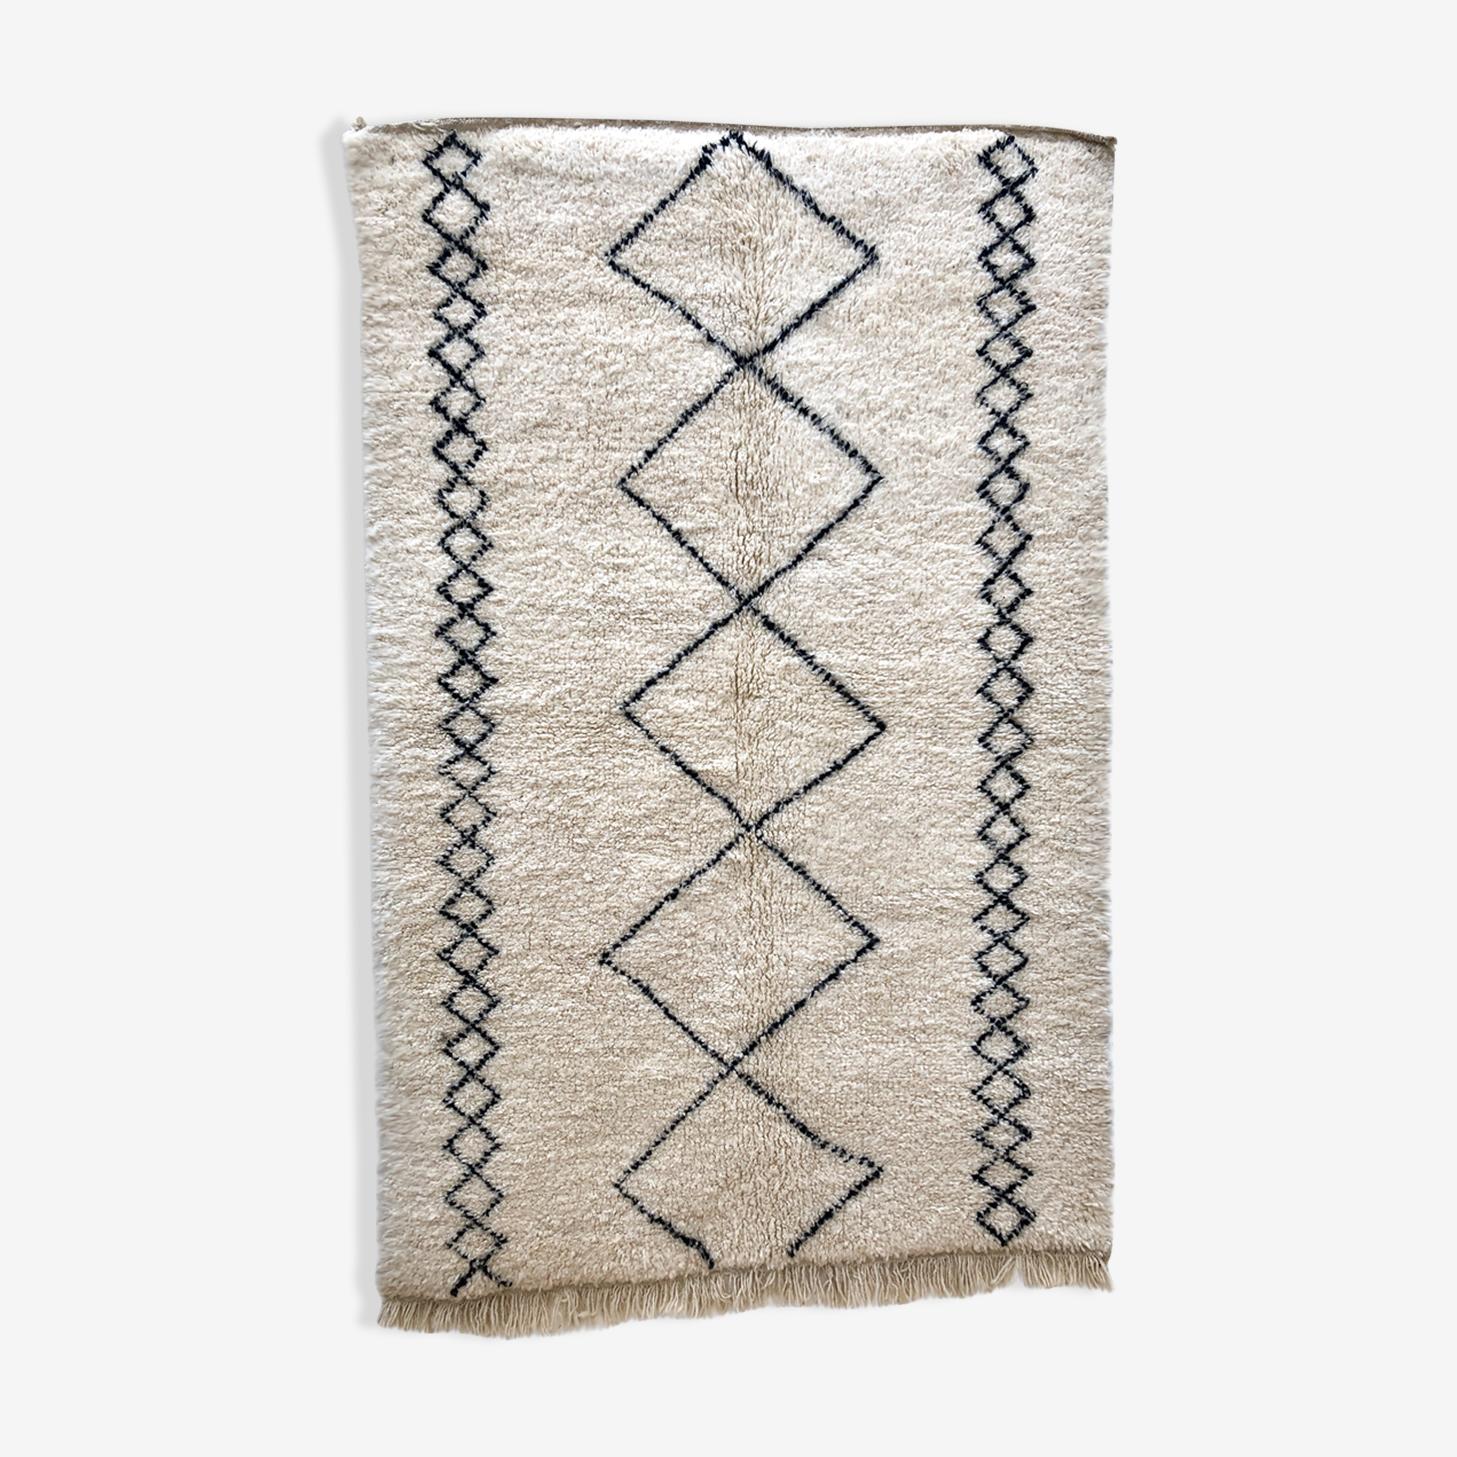 Tapis berbère marocain Beni Ouarain motifs géométriques noirs 2,31x1,52m